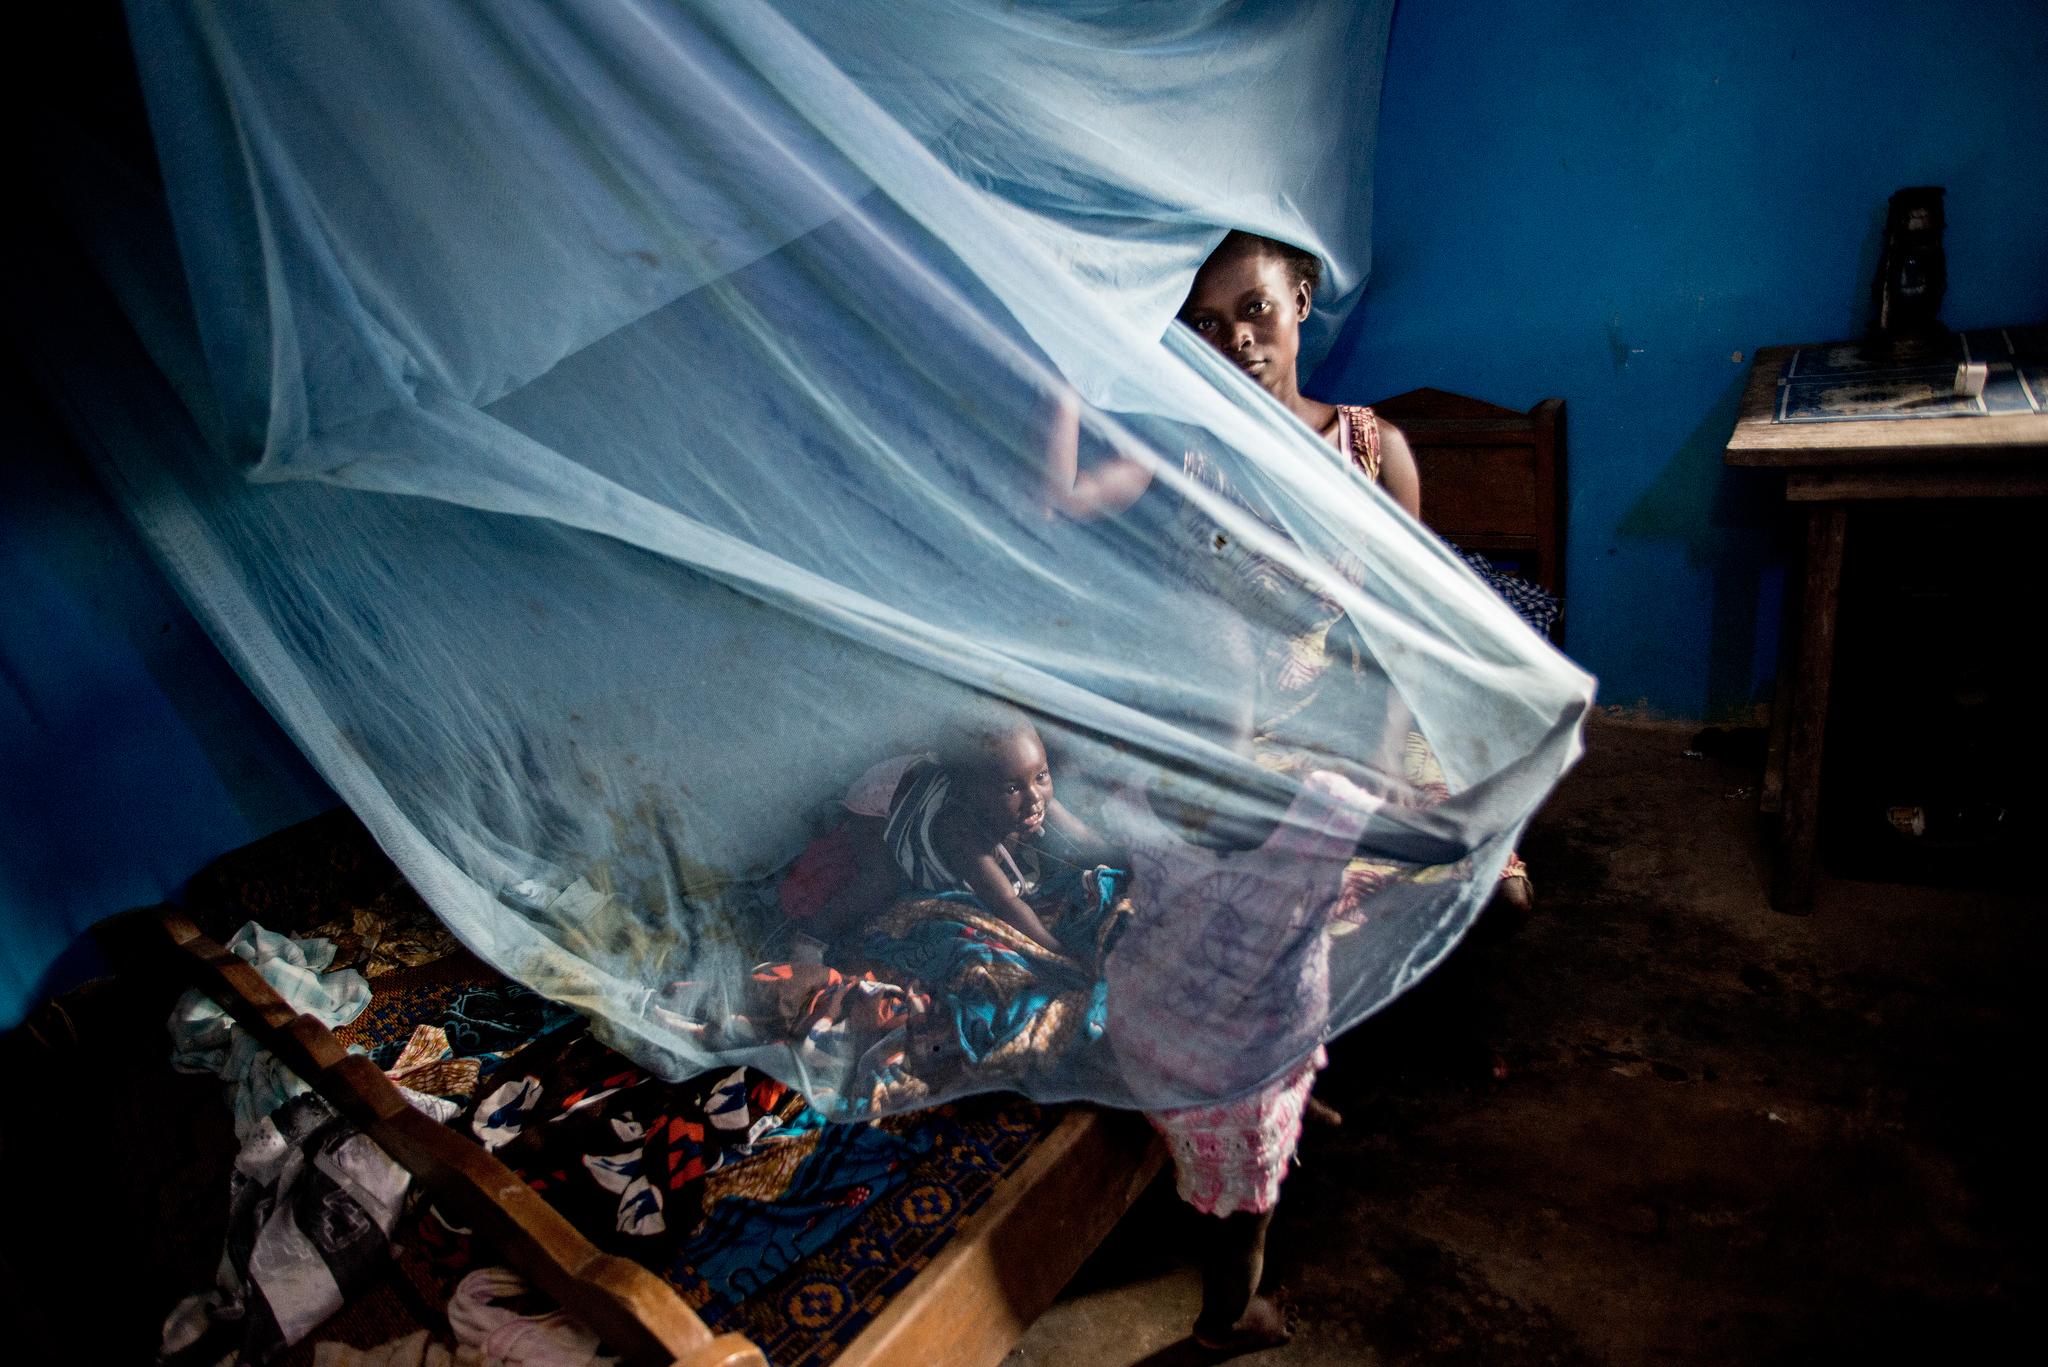 امرأة مع عائلتها تمسك ناموسية في أحد المنازل. (© K. Kasmauski/MCSP)